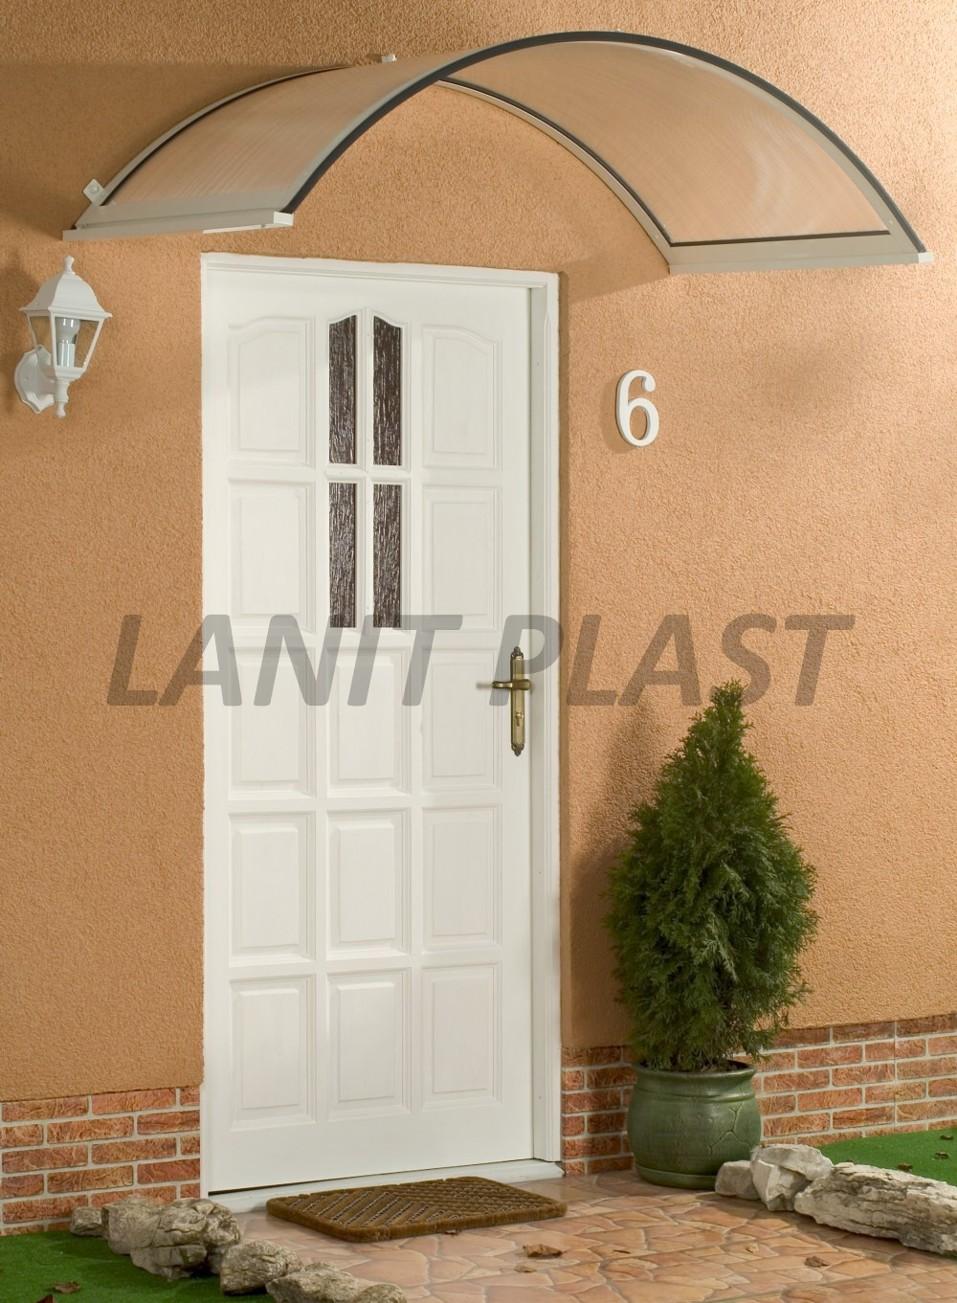 Vchodová stříška ONYX 160/90 bílá LANITPLAST